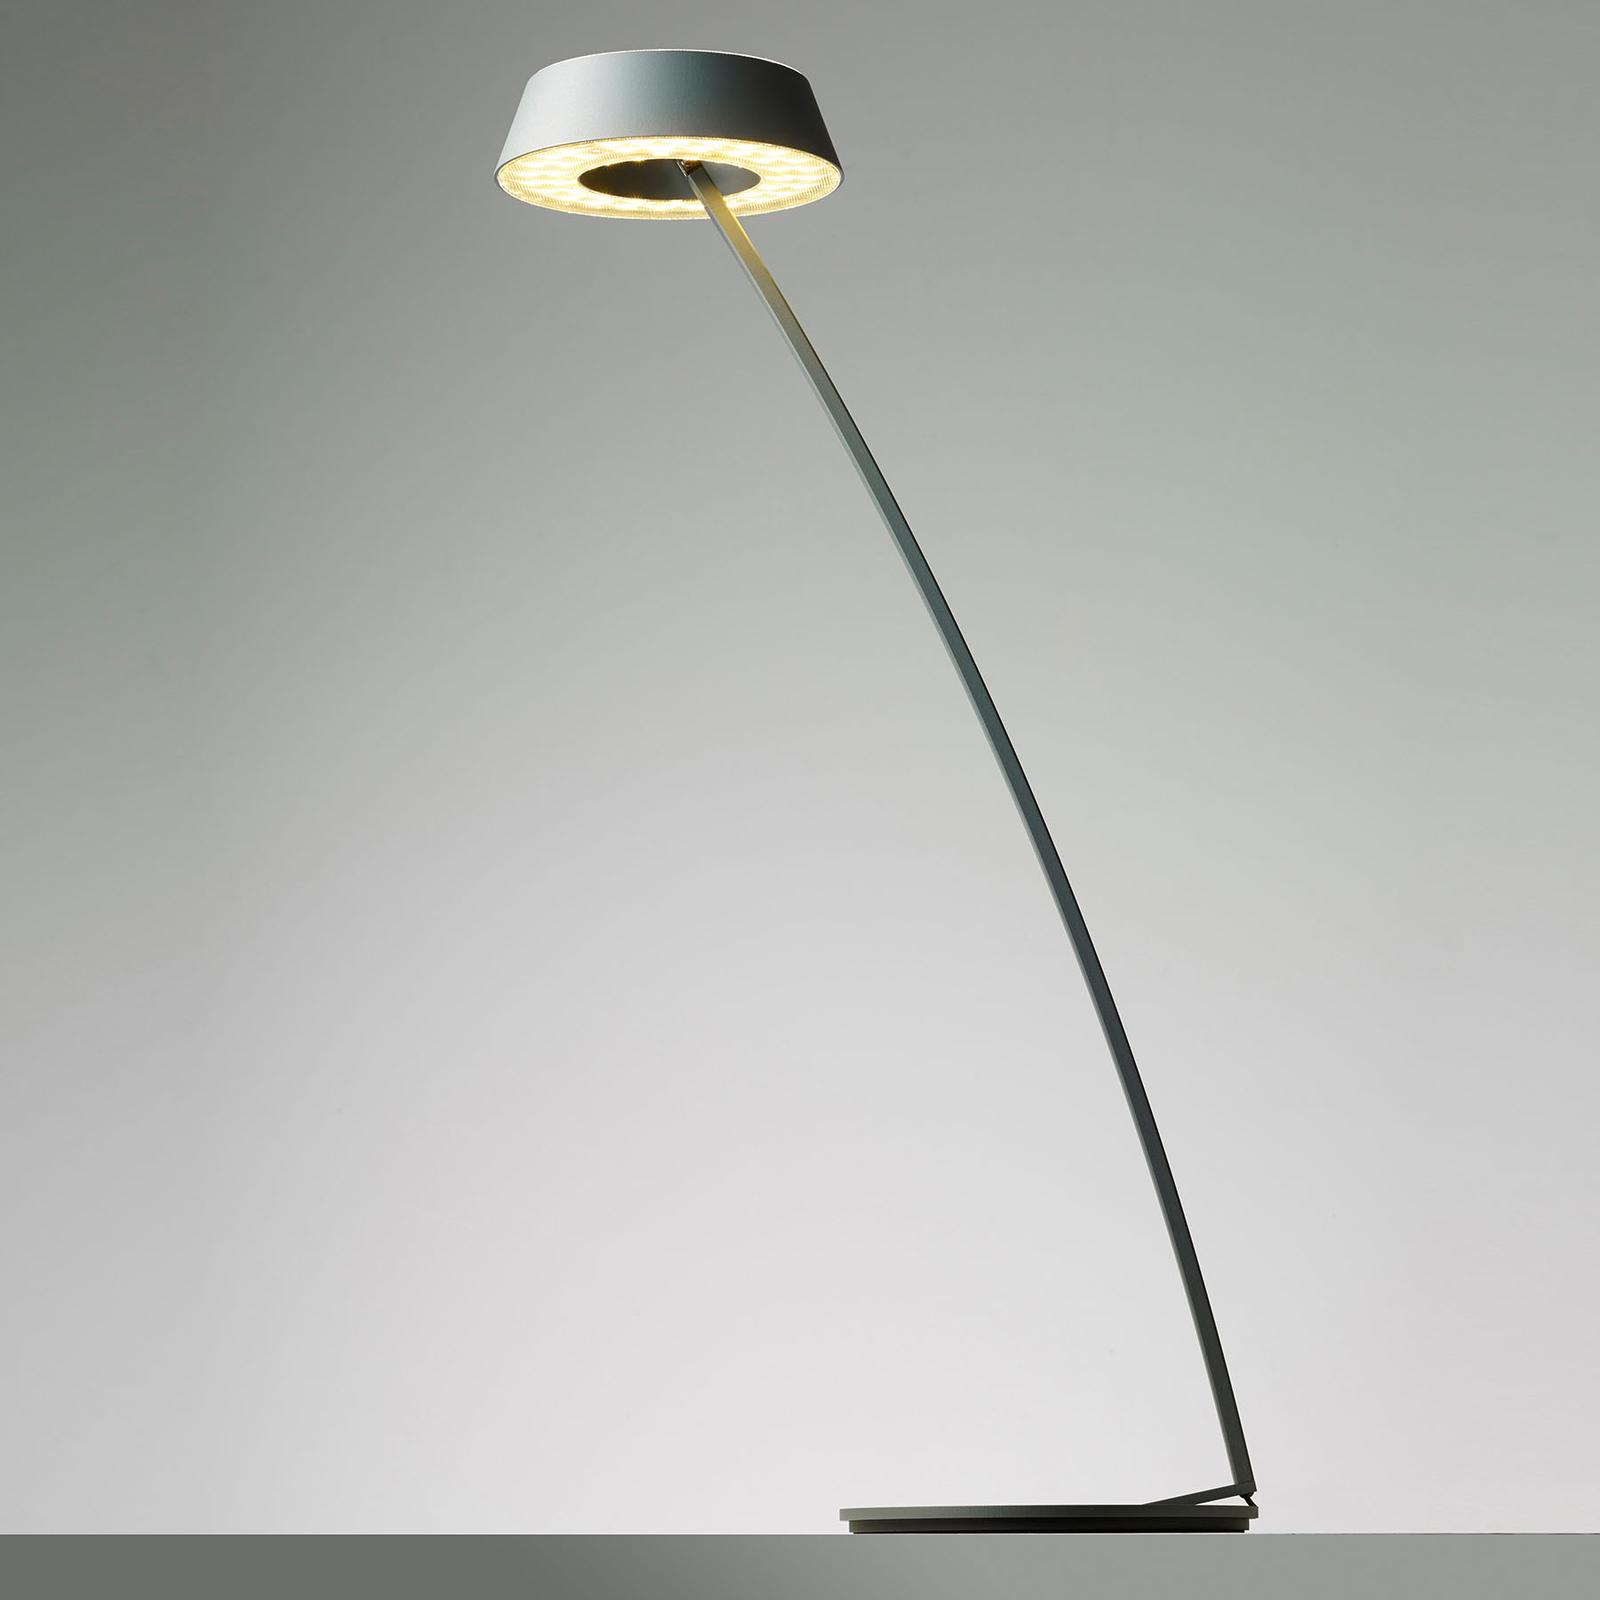 OLIGO Glance LED-pöytälamppu, kaareva, harmaa